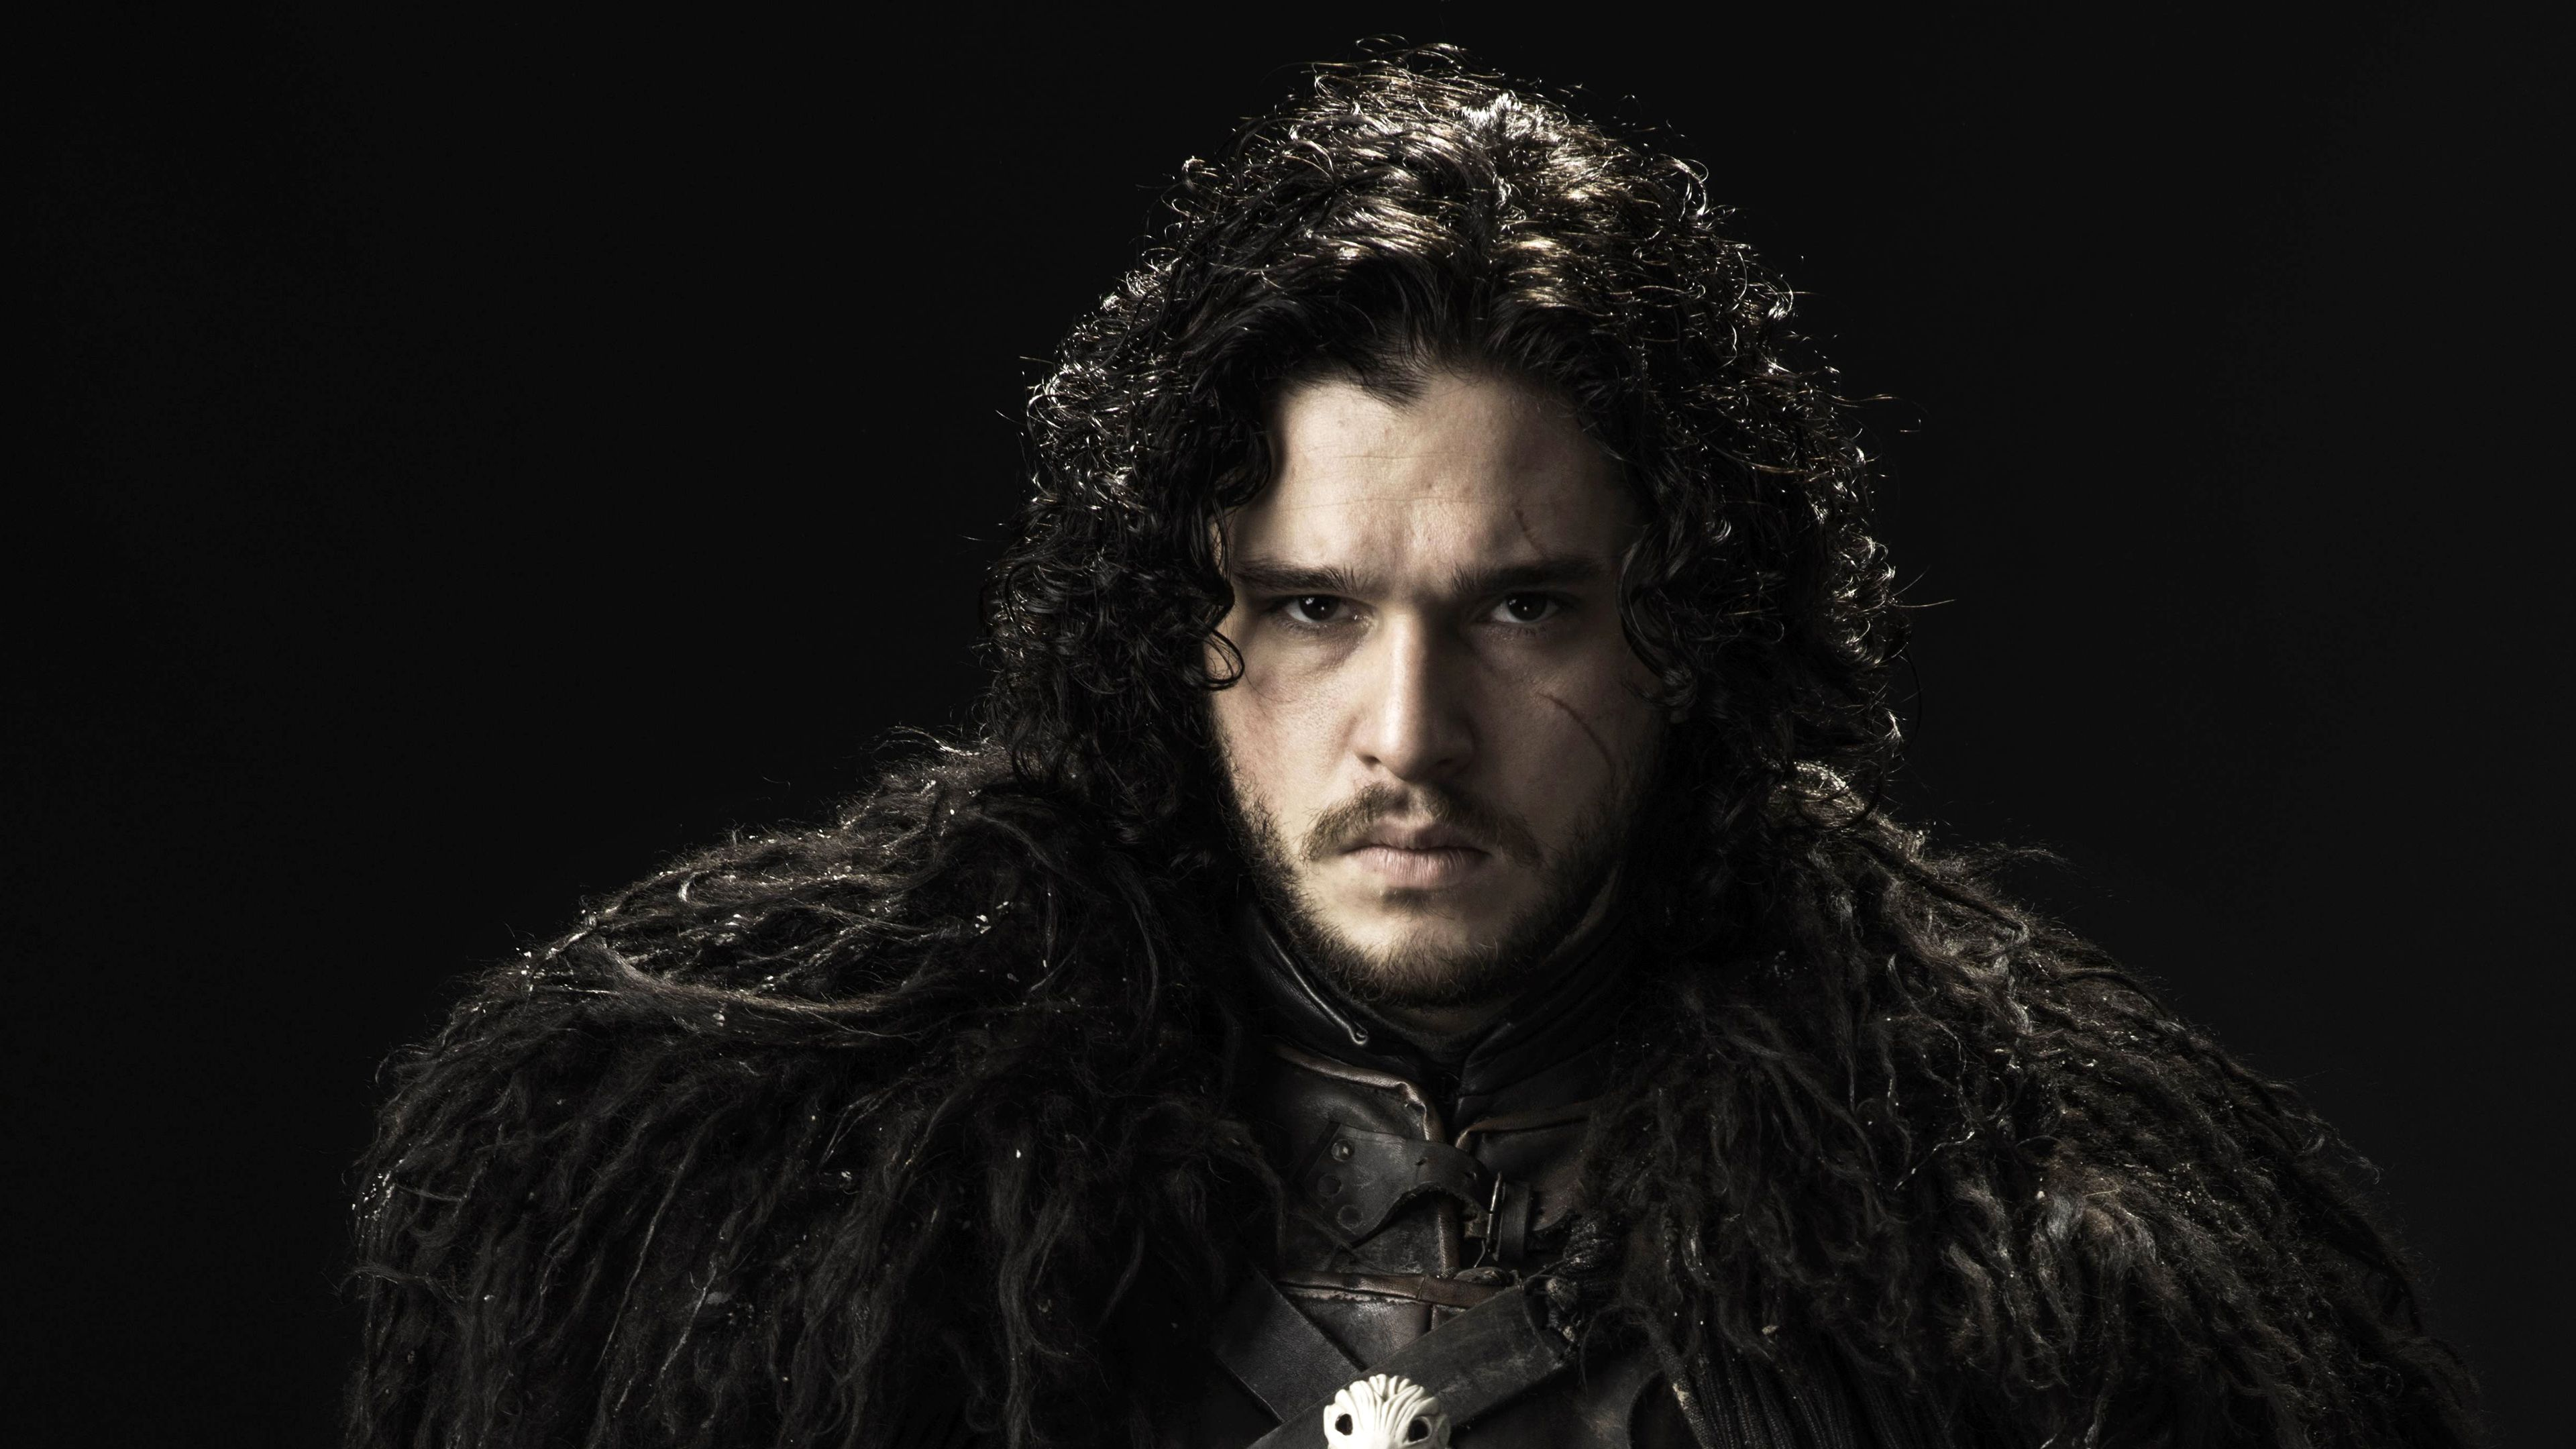 Kit Harington Jon Snow Game Of Thrones Wallpapers Hd Wallpapers Jon Snow Kit Harington John Snow